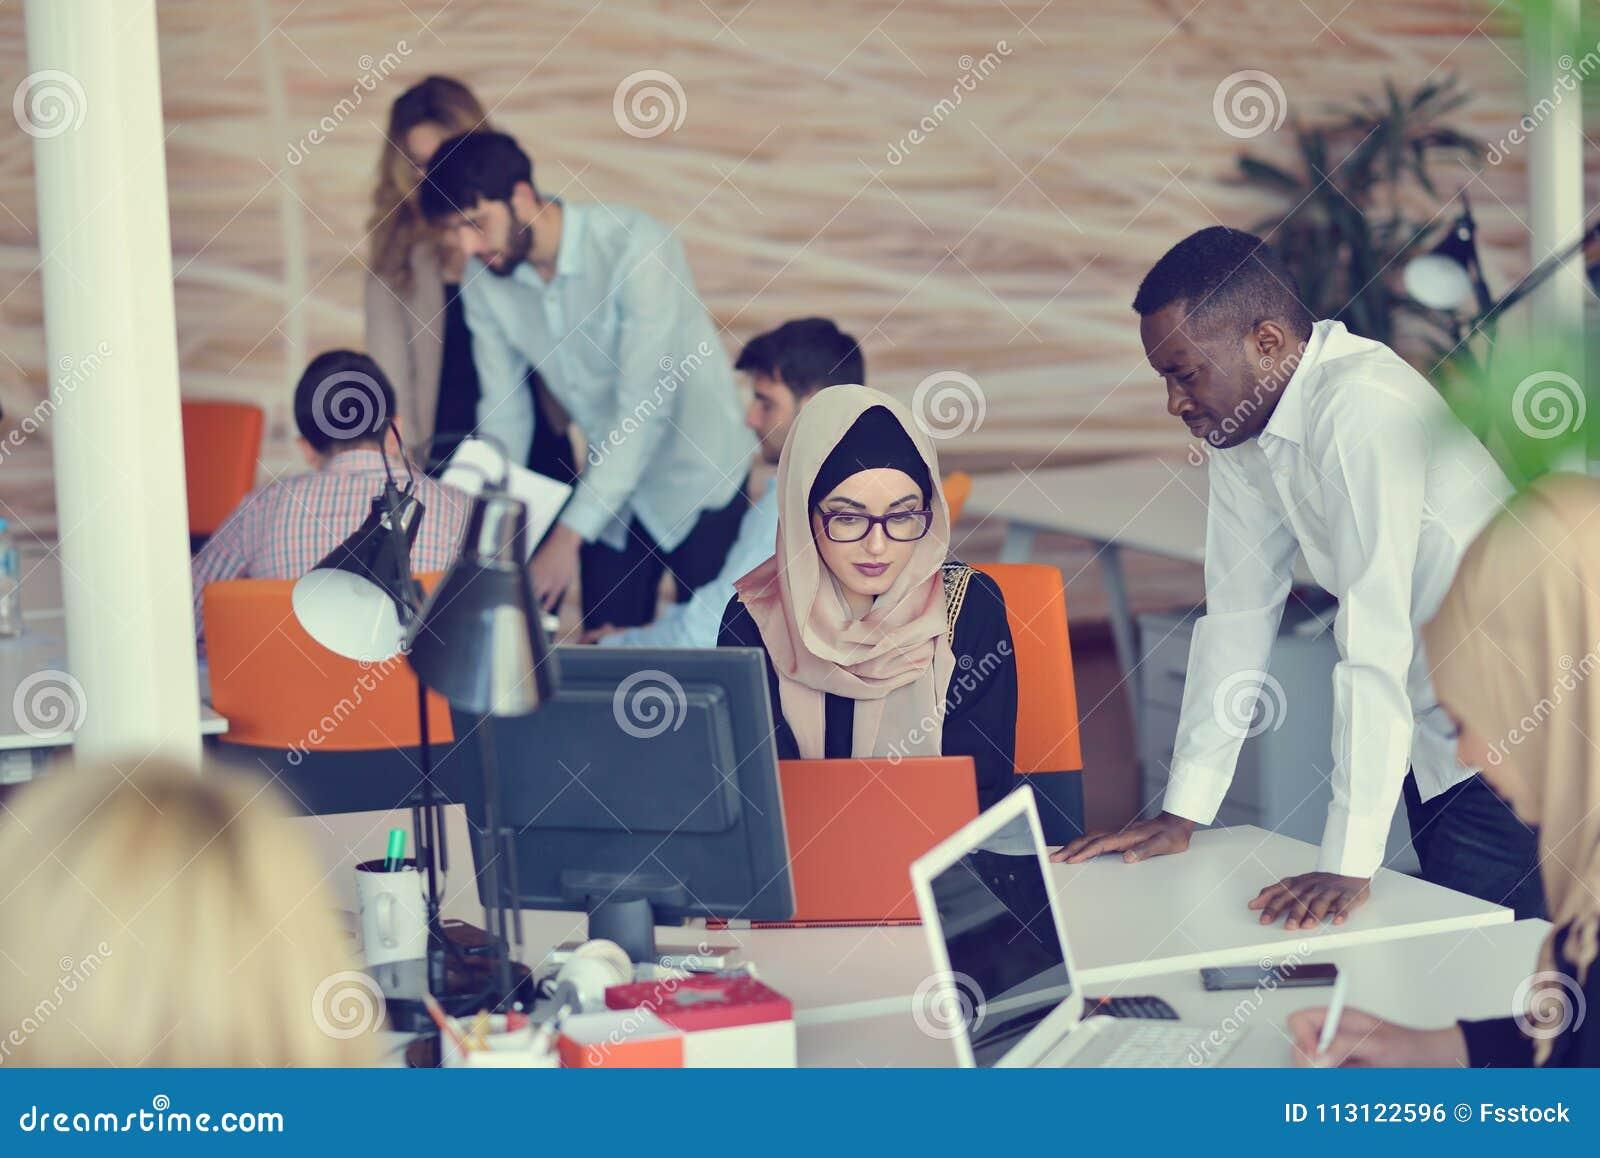 Startgeschäftsleute gruppieren arbeitenden täglichen Job im modernen Büro